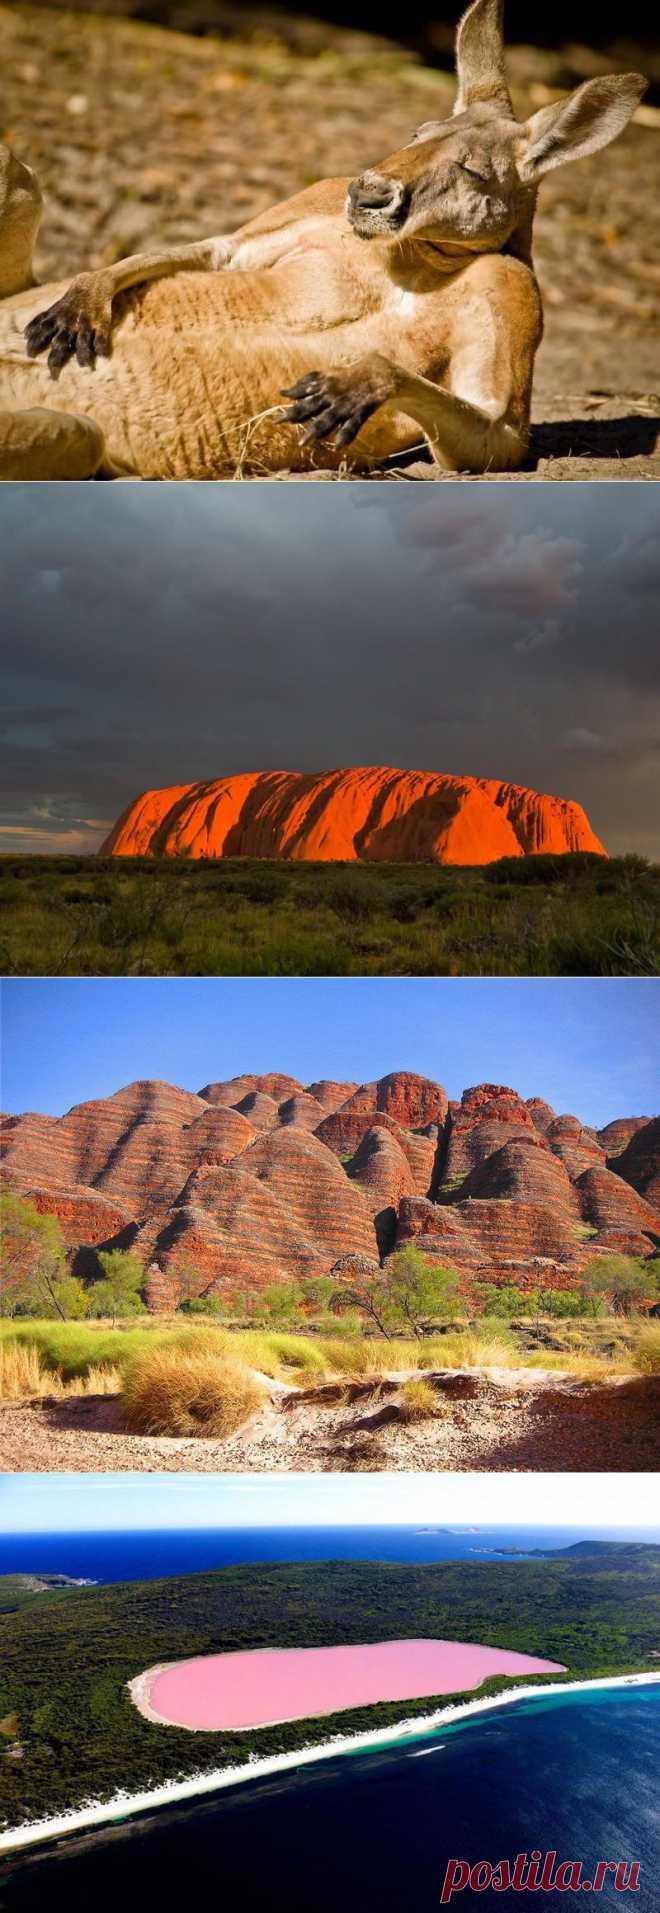 10 мест в Австралии, в которых стоит побывать